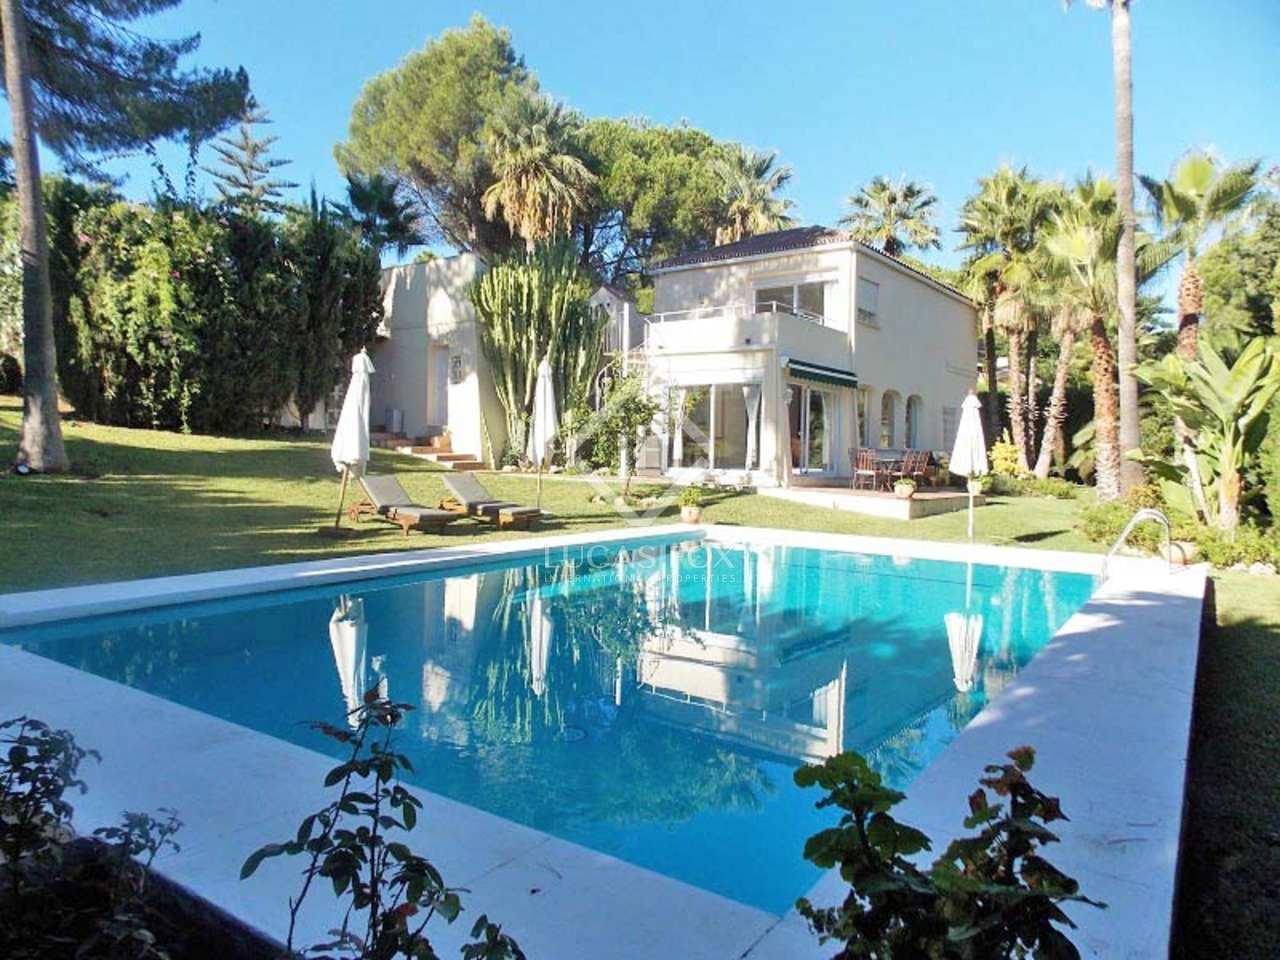 Villa de 4 dormitorios en venta en nueva andaluc a for Jardin villa bonita culiacan